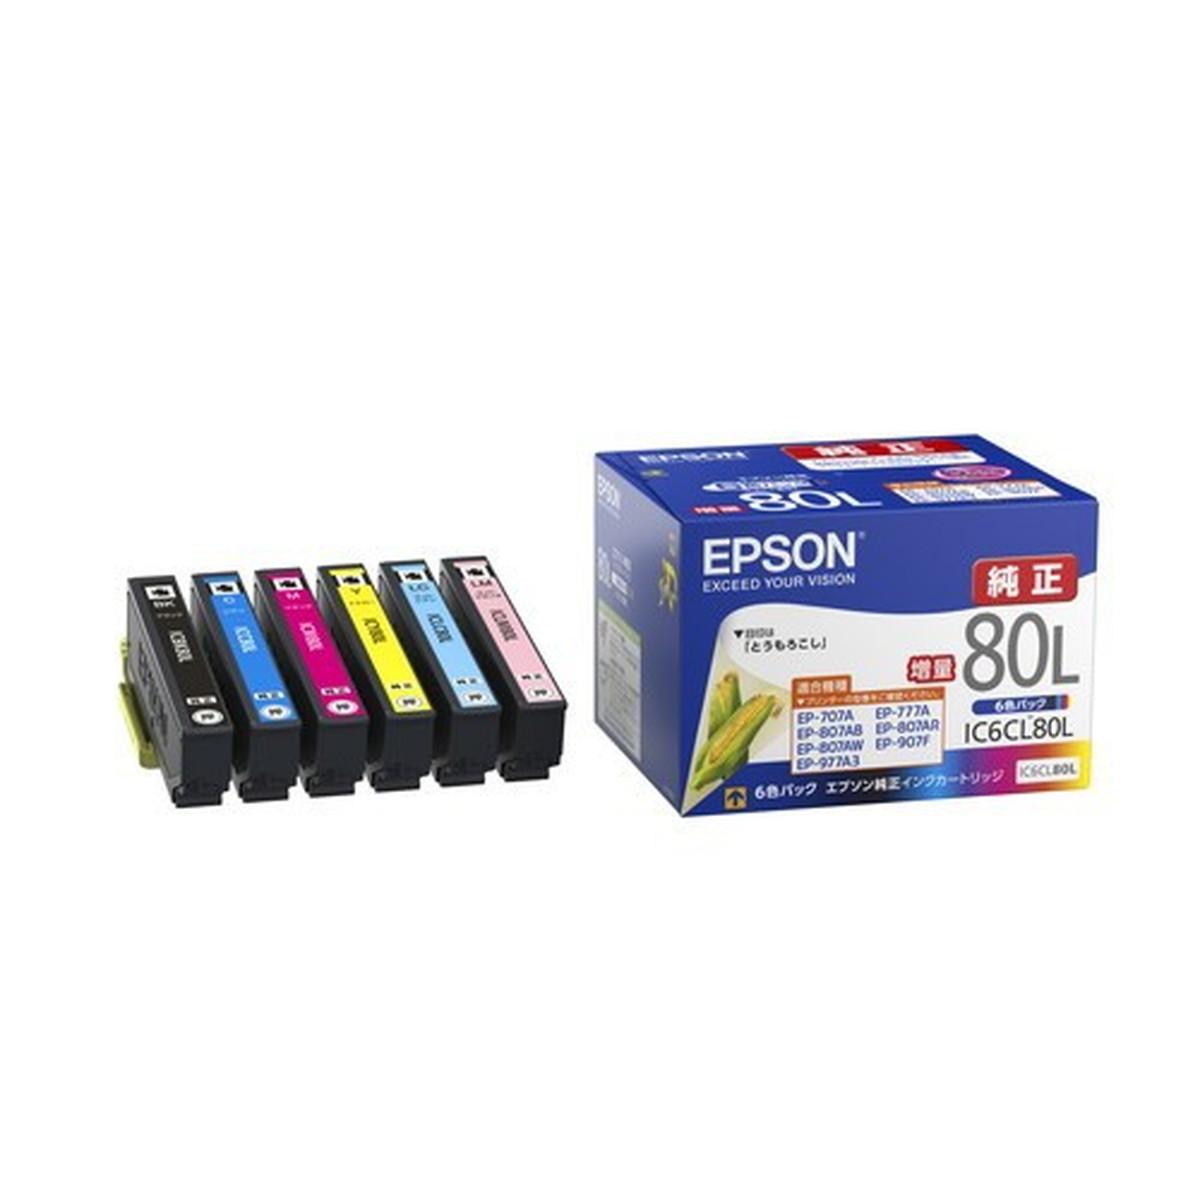 エプソン(EPSON) インクカートリッジIC6CL80L【クーポン配布中】